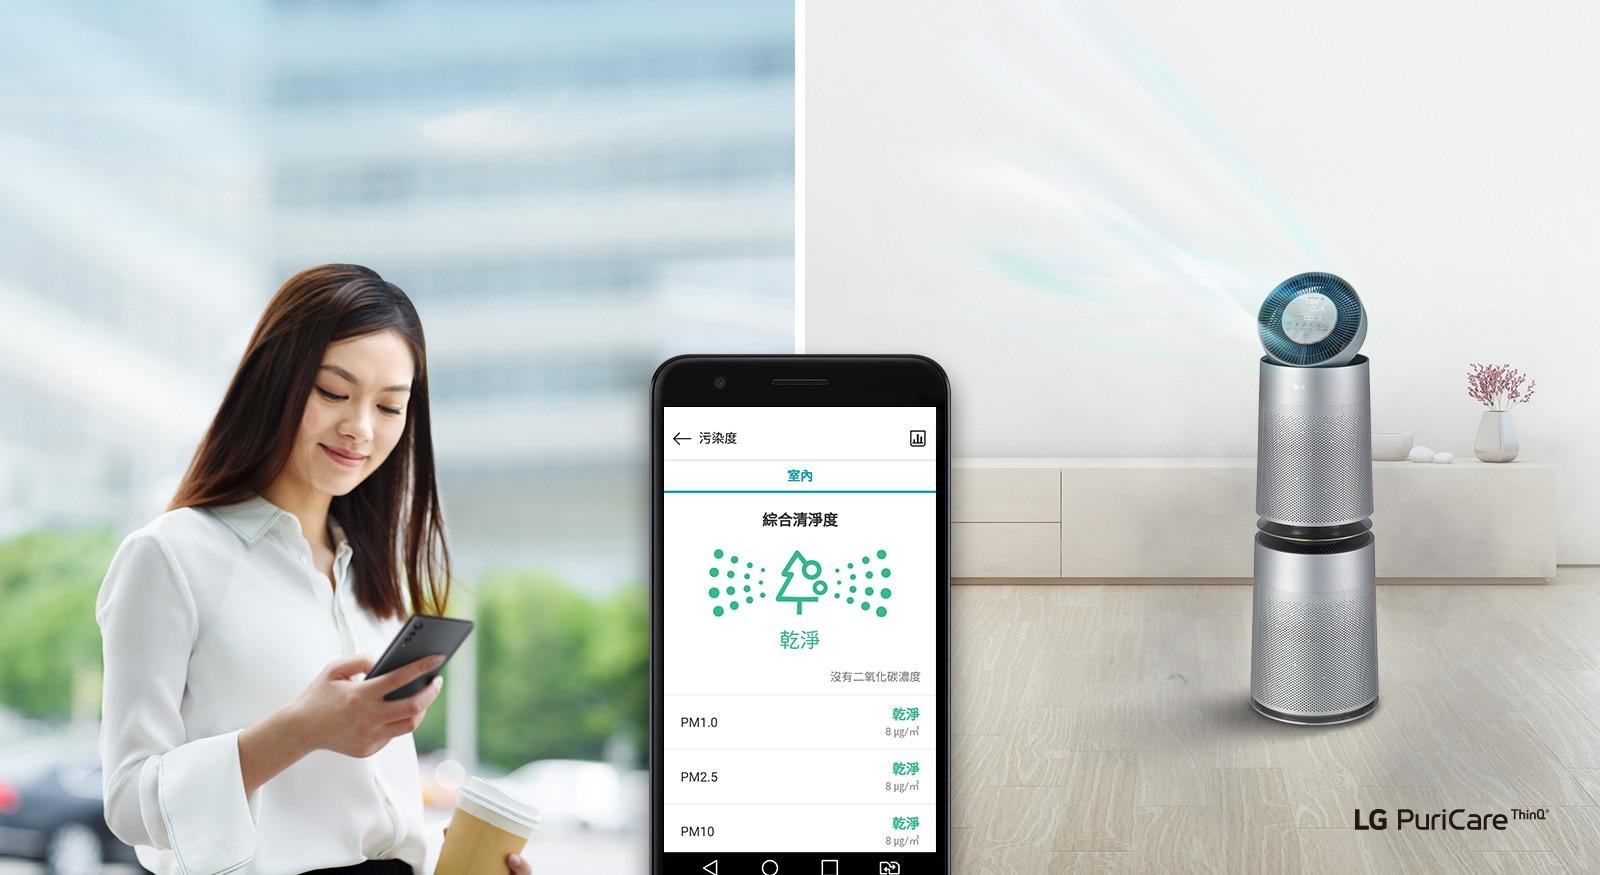 左側的女人看著她的手機,空氣清淨機則在右側。前景的電話螢幕圖片顯示 LG ThinQ 應用程式中的空氣品質和其他統計數據。